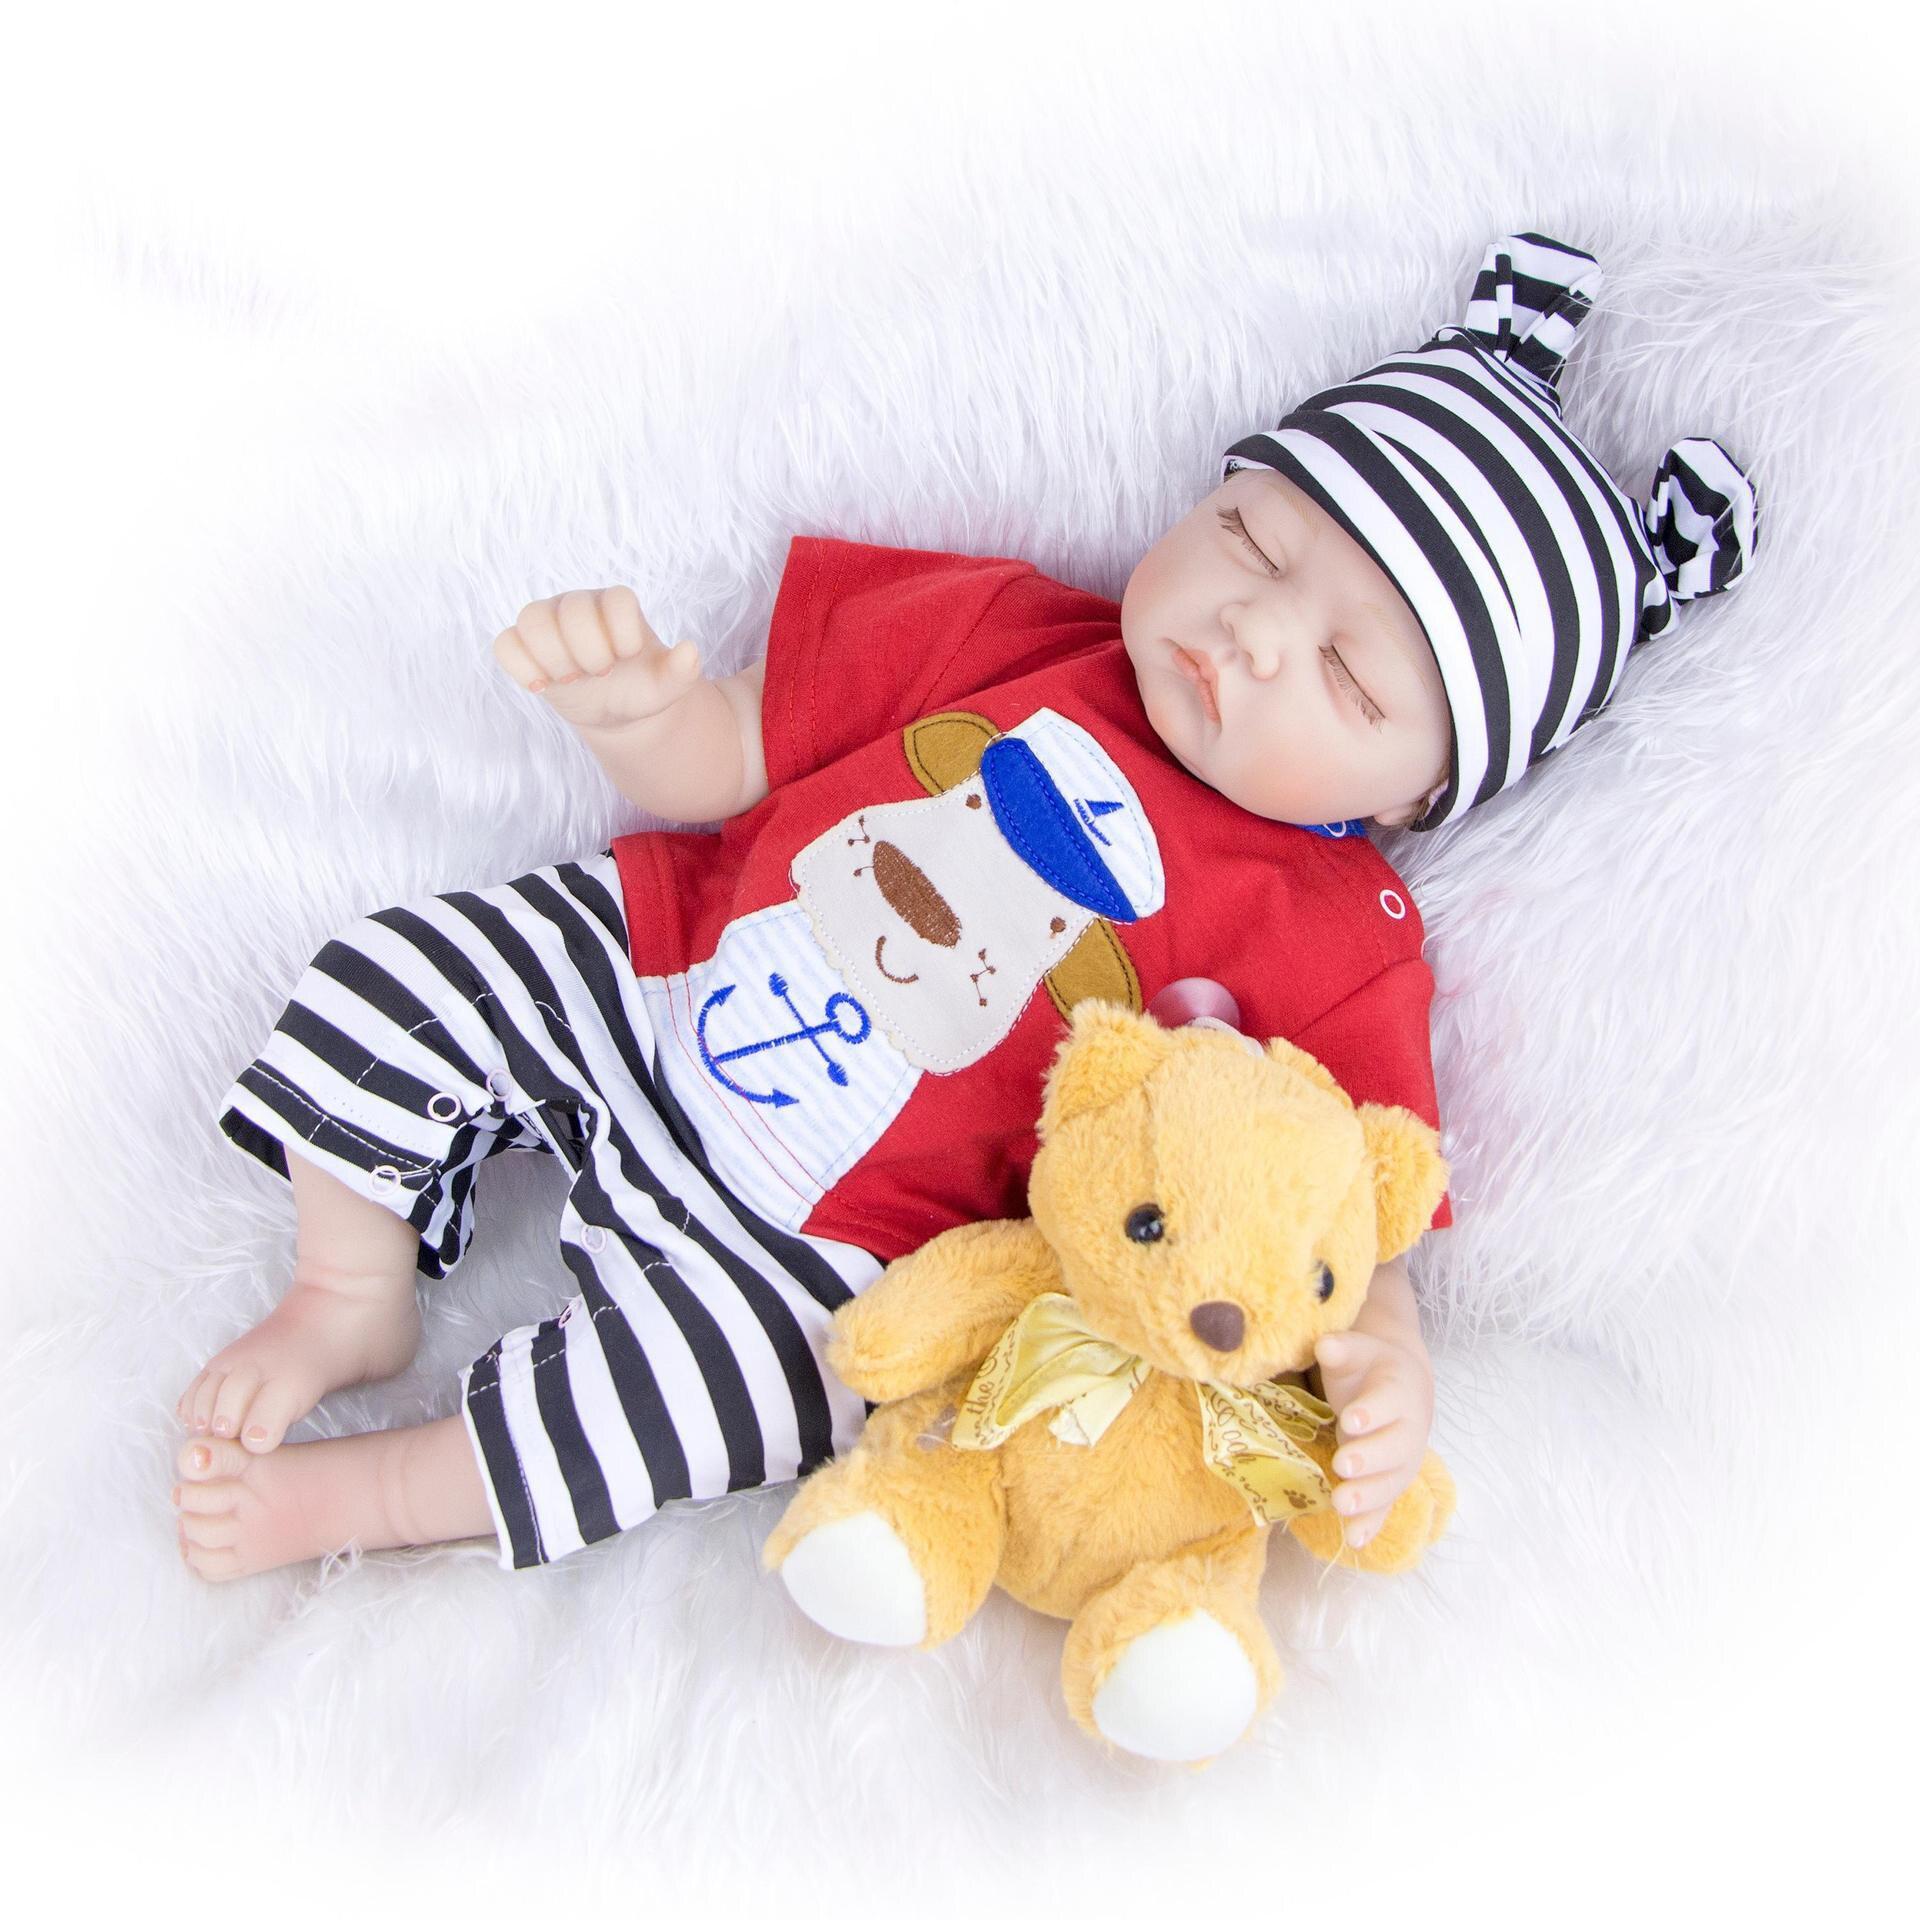 22 인치 55 cm 인형 다시 태어난 컬렉션 수제 현실적인 실리콘 잠자는 신생아 진짜 살아있는 아이 사랑 인형-에서인형부터 완구 & 취미 의  그룹 1